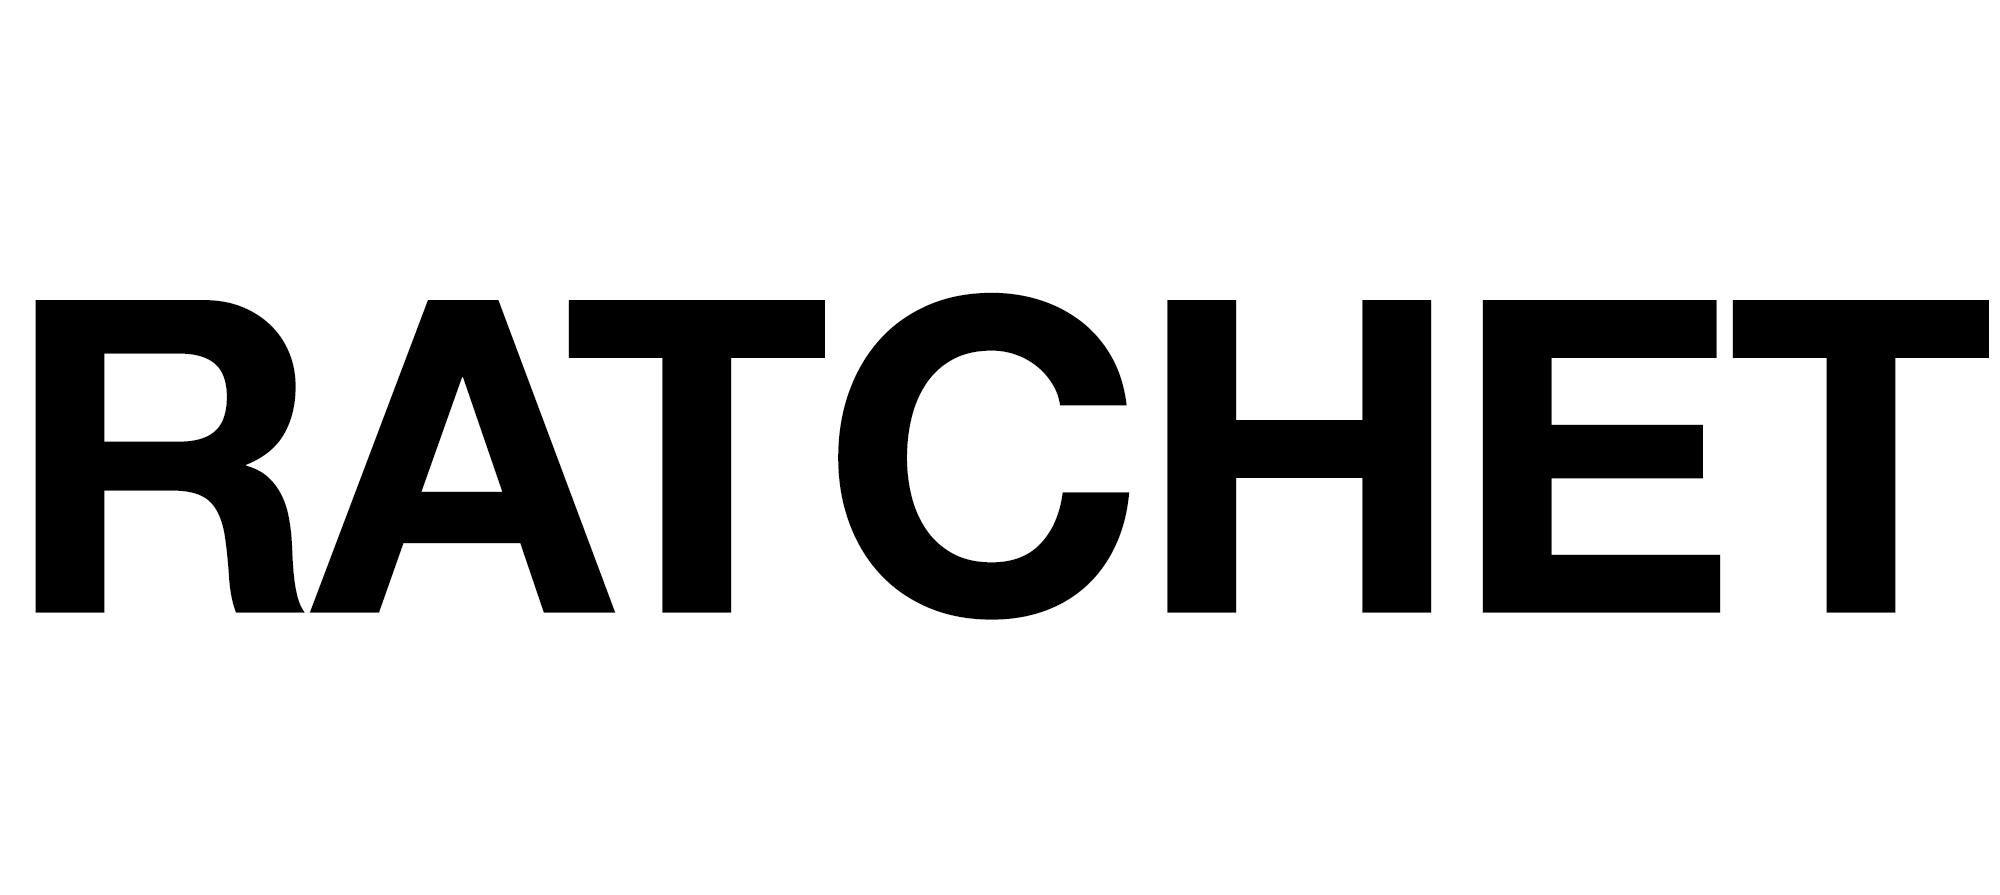 RATCHET Style Bindings please